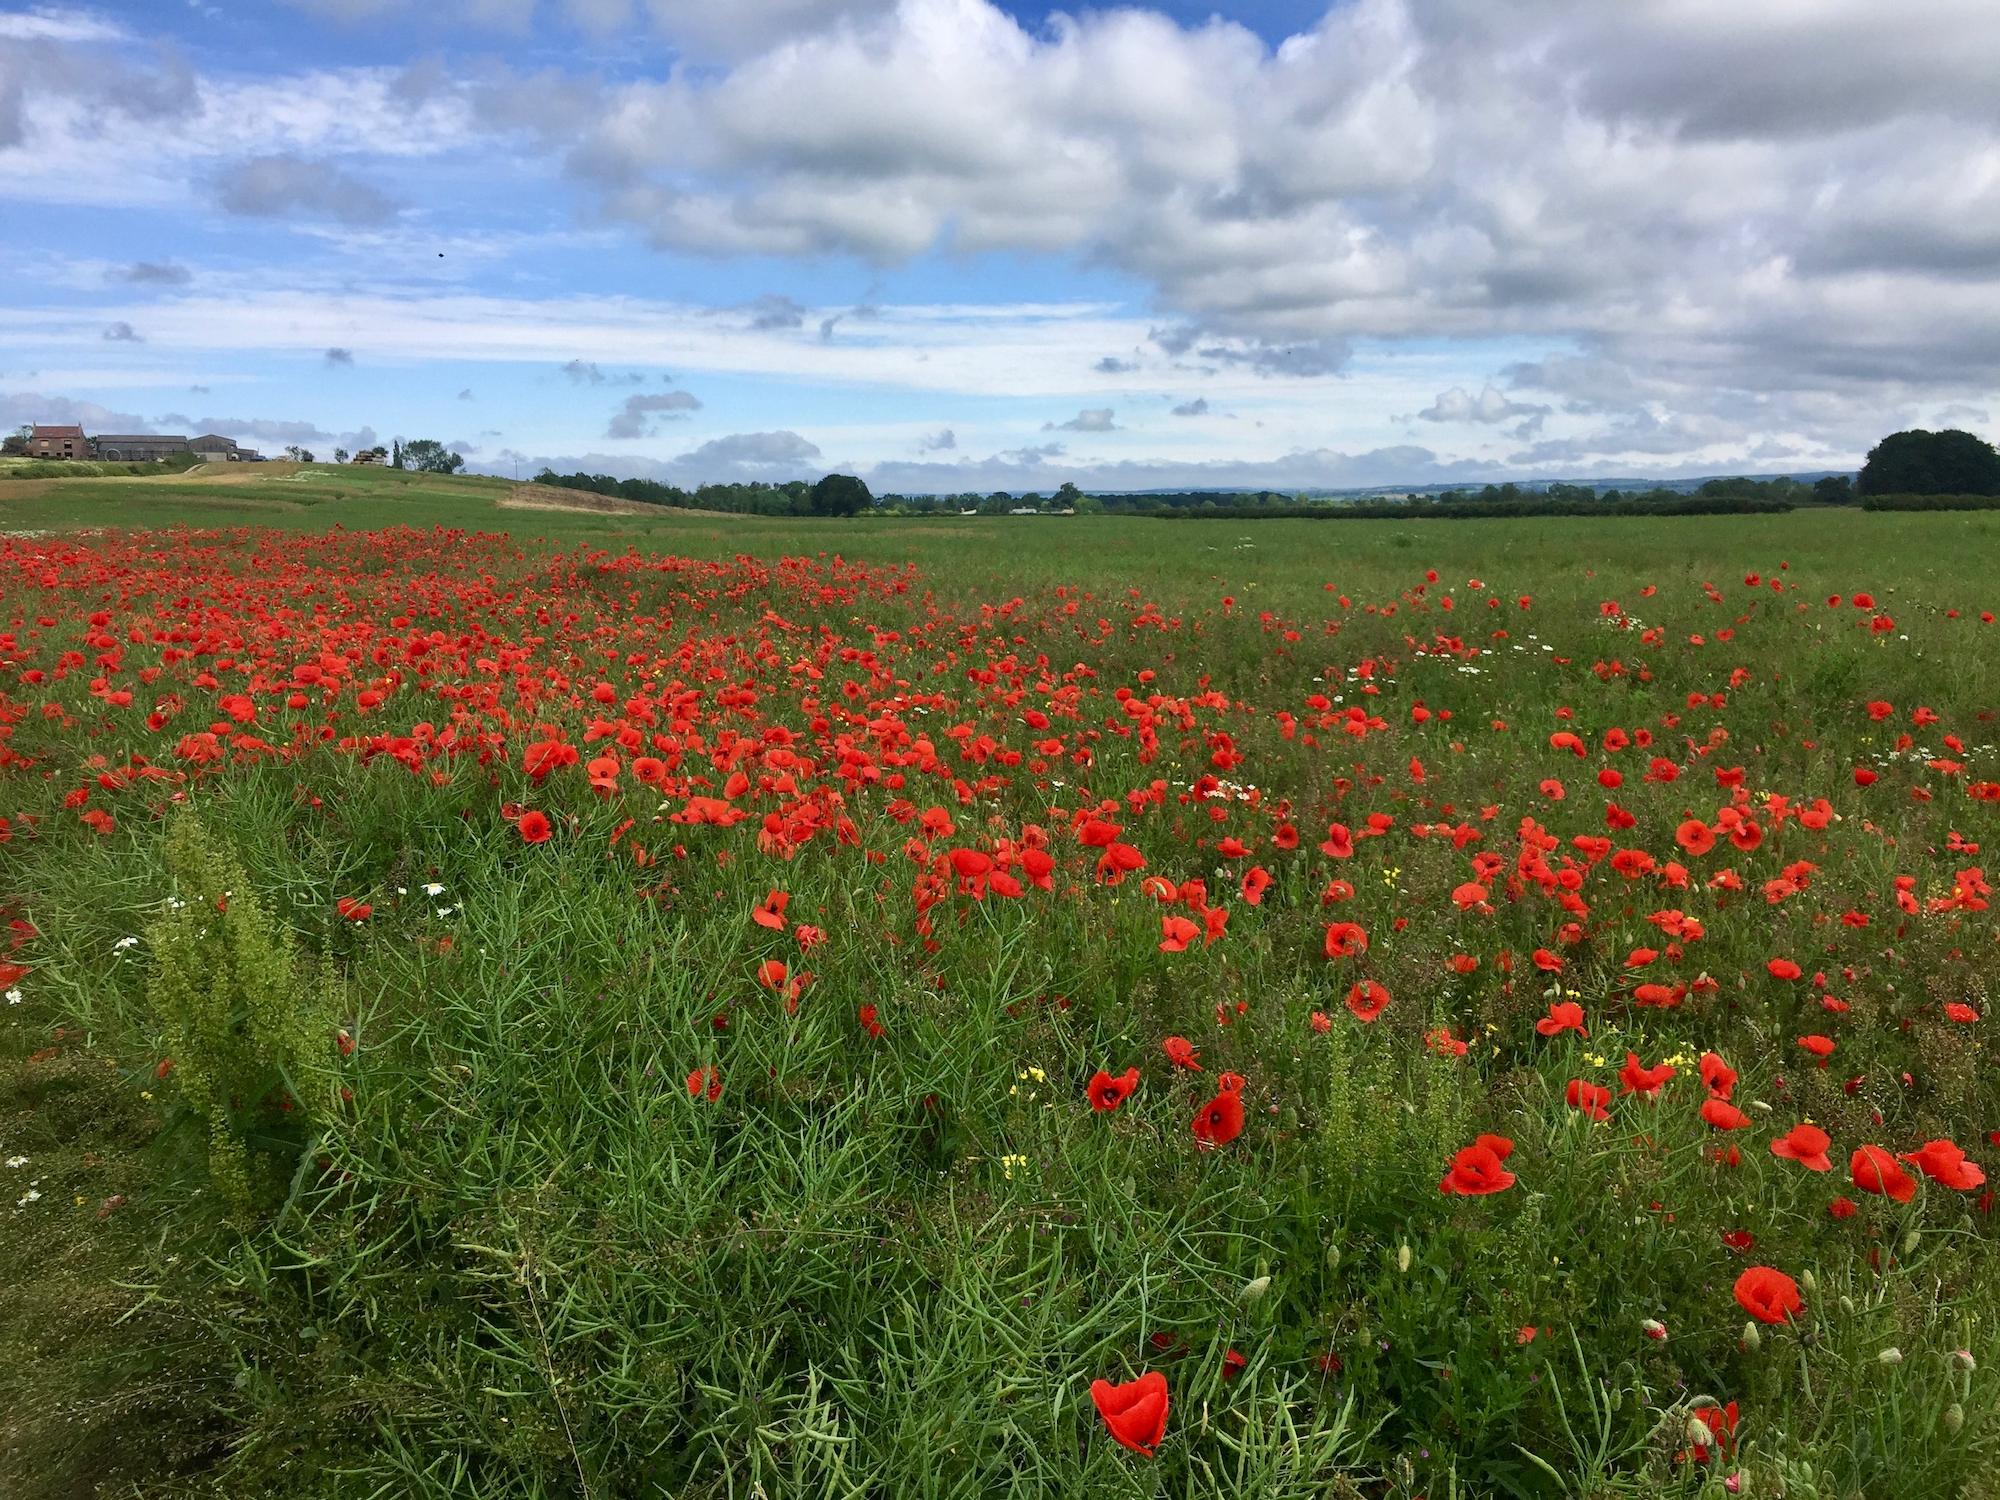 Wildflower Border in a field